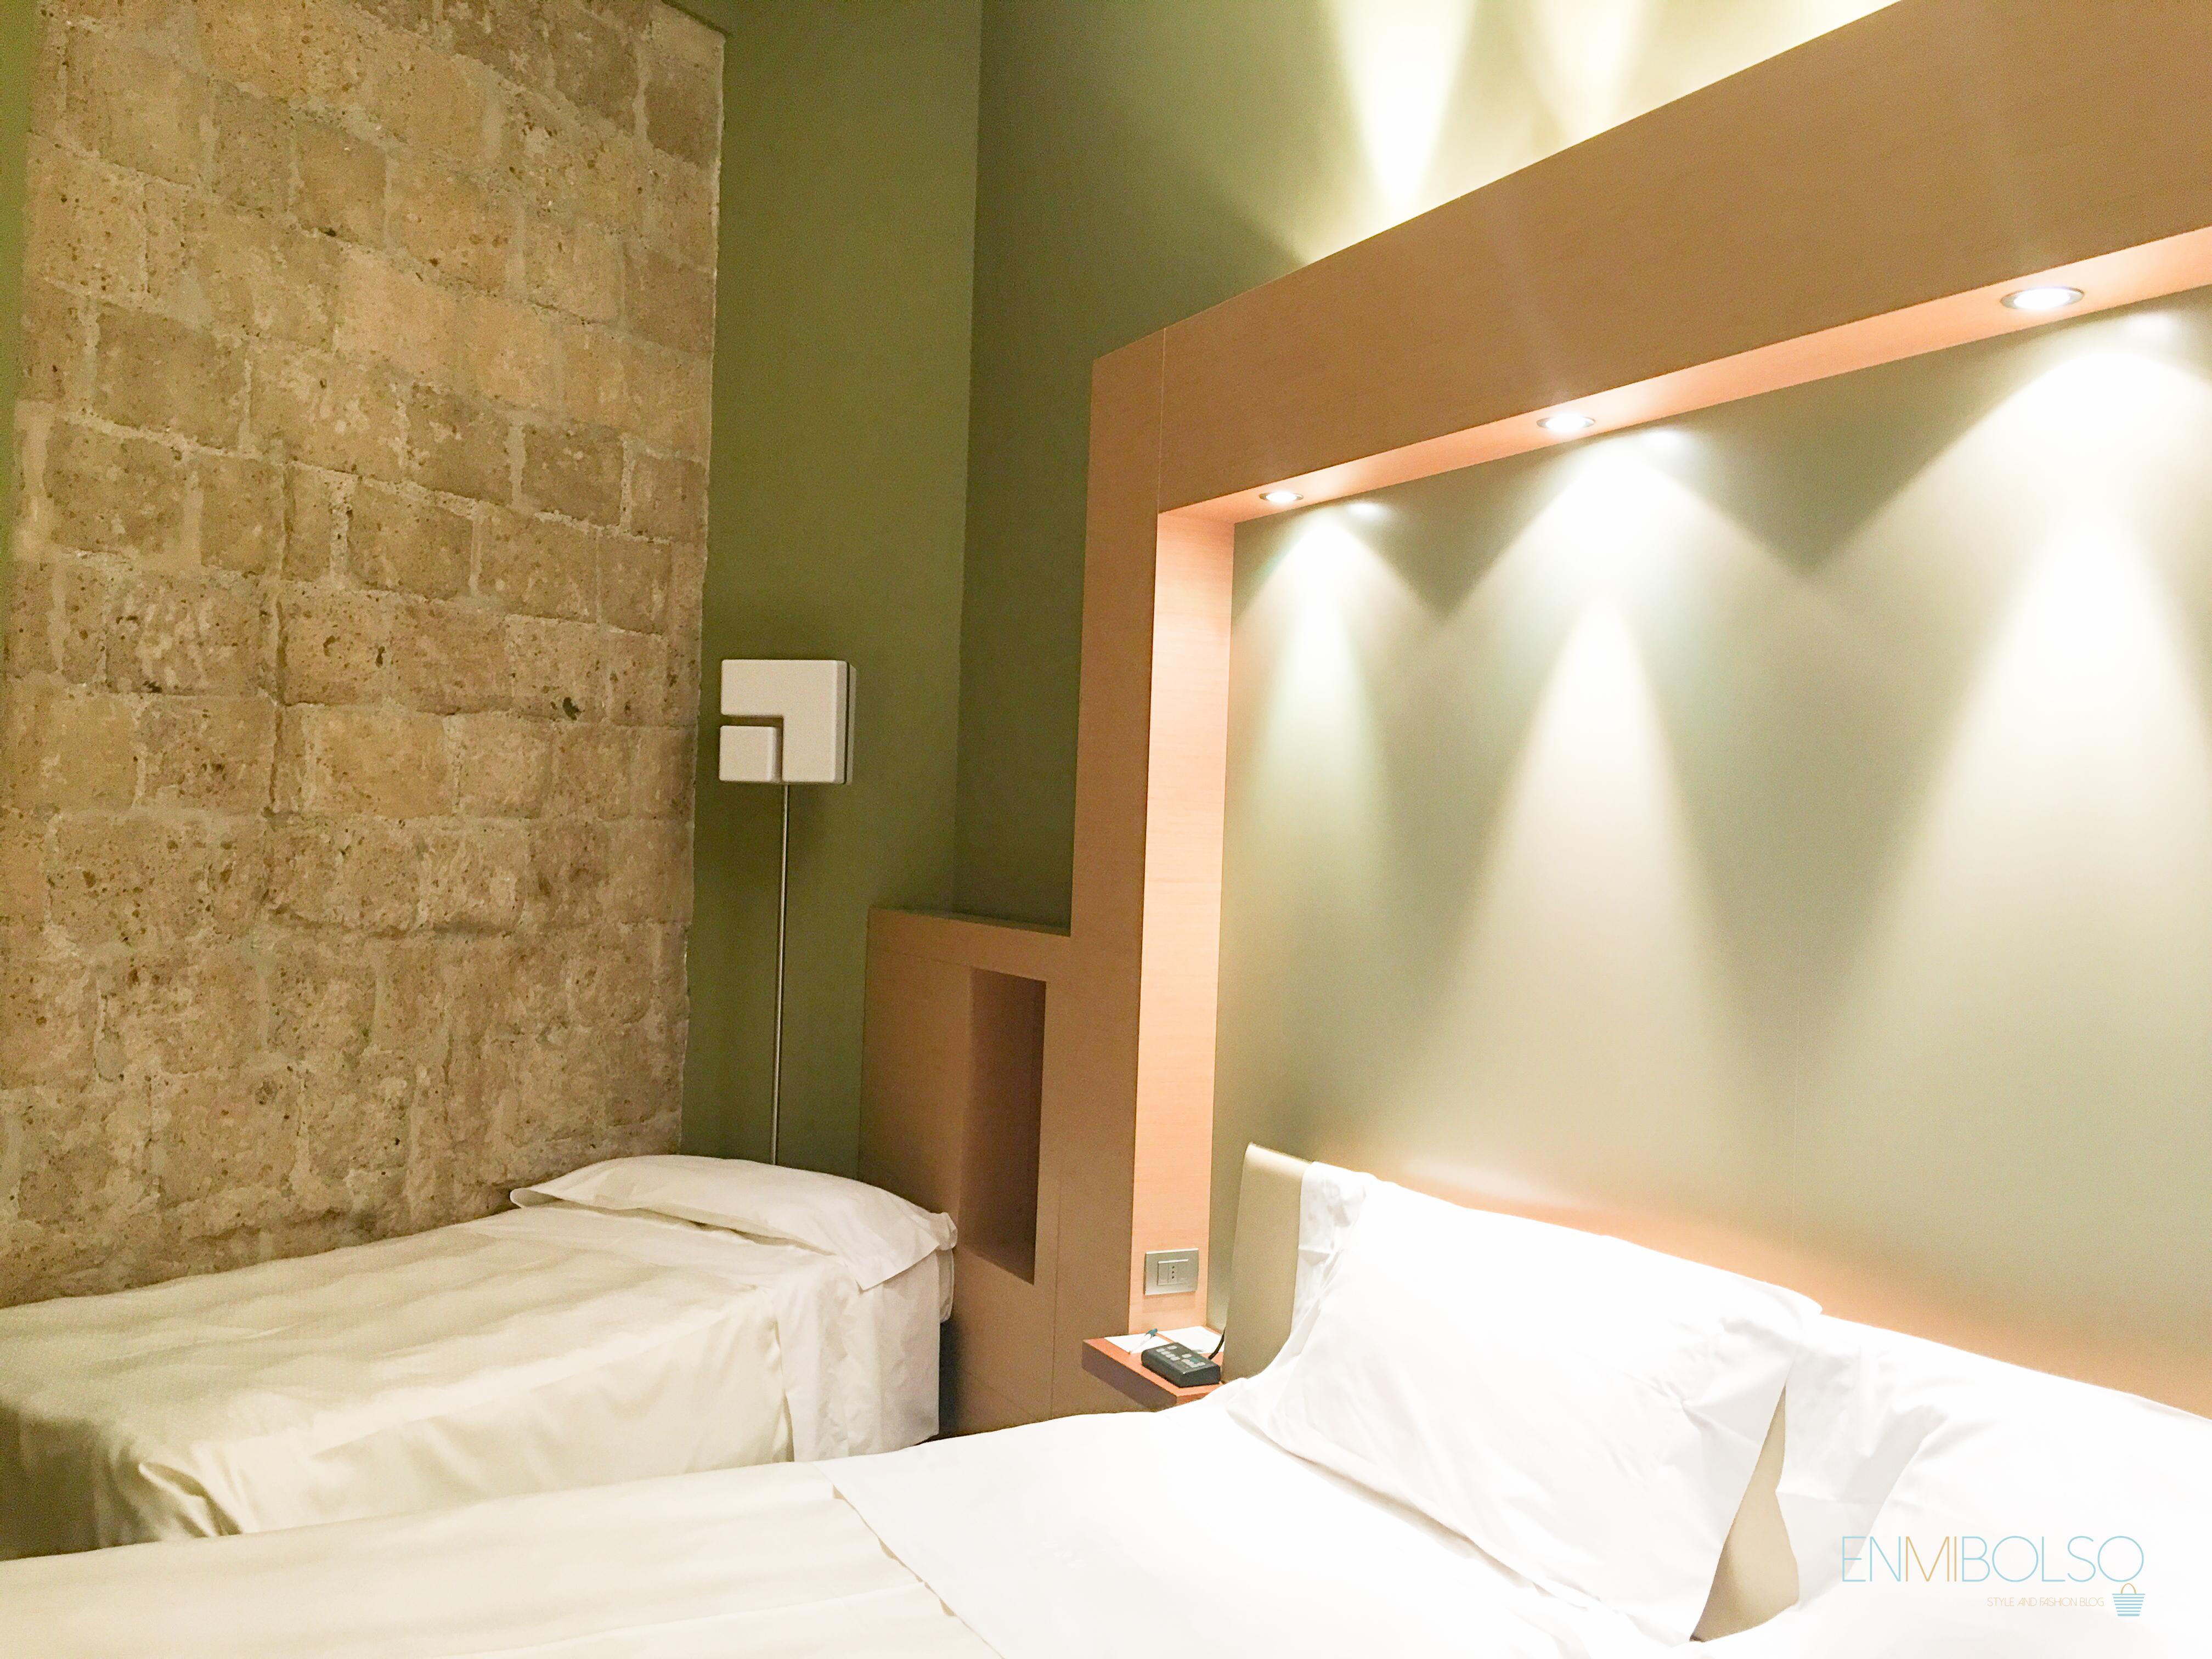 Hotel Una Napoli-enmibolso1